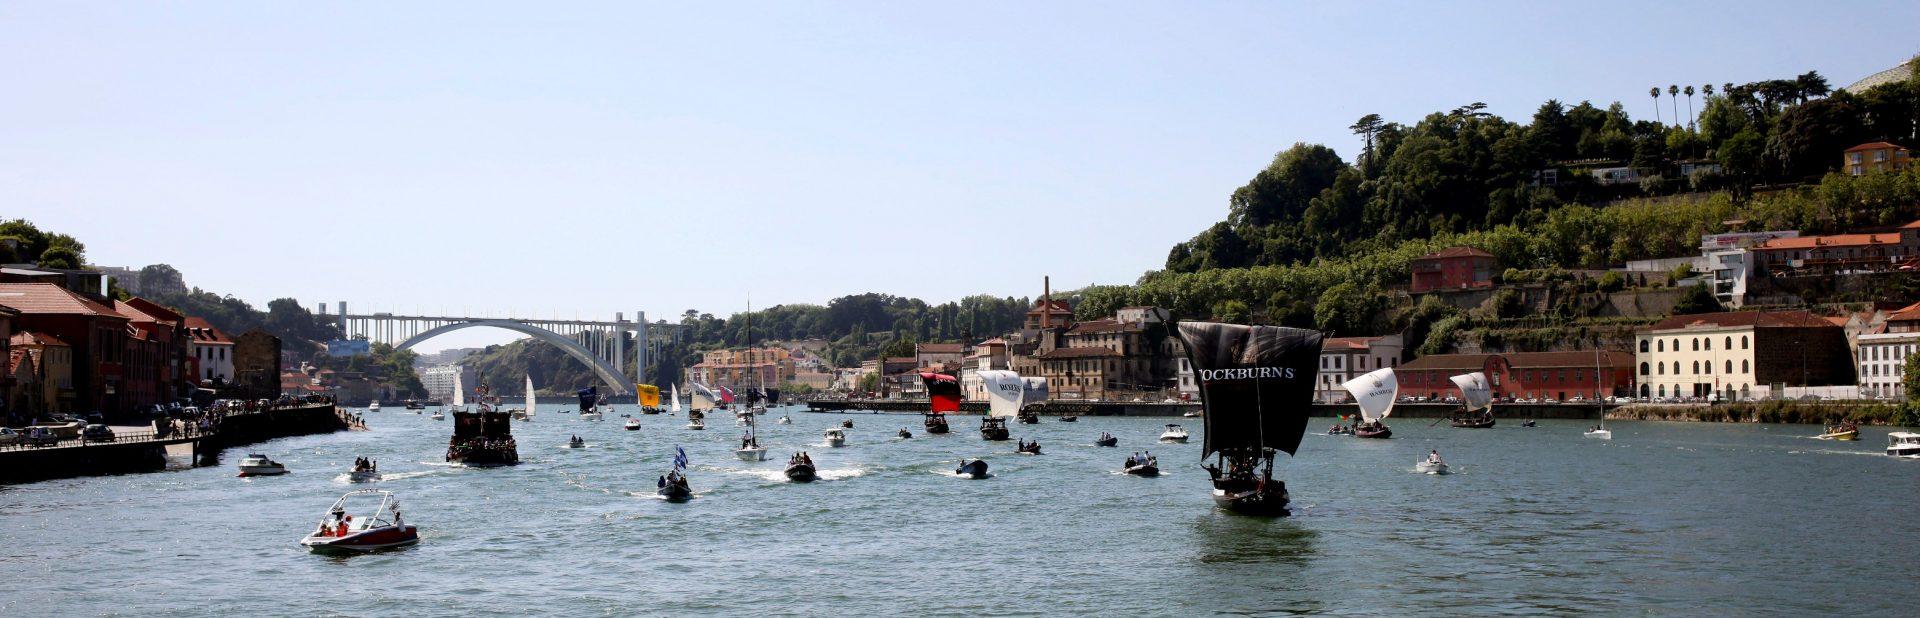 Barcos Rabelo no rio Douro.ESTELA SILVA / LUSA